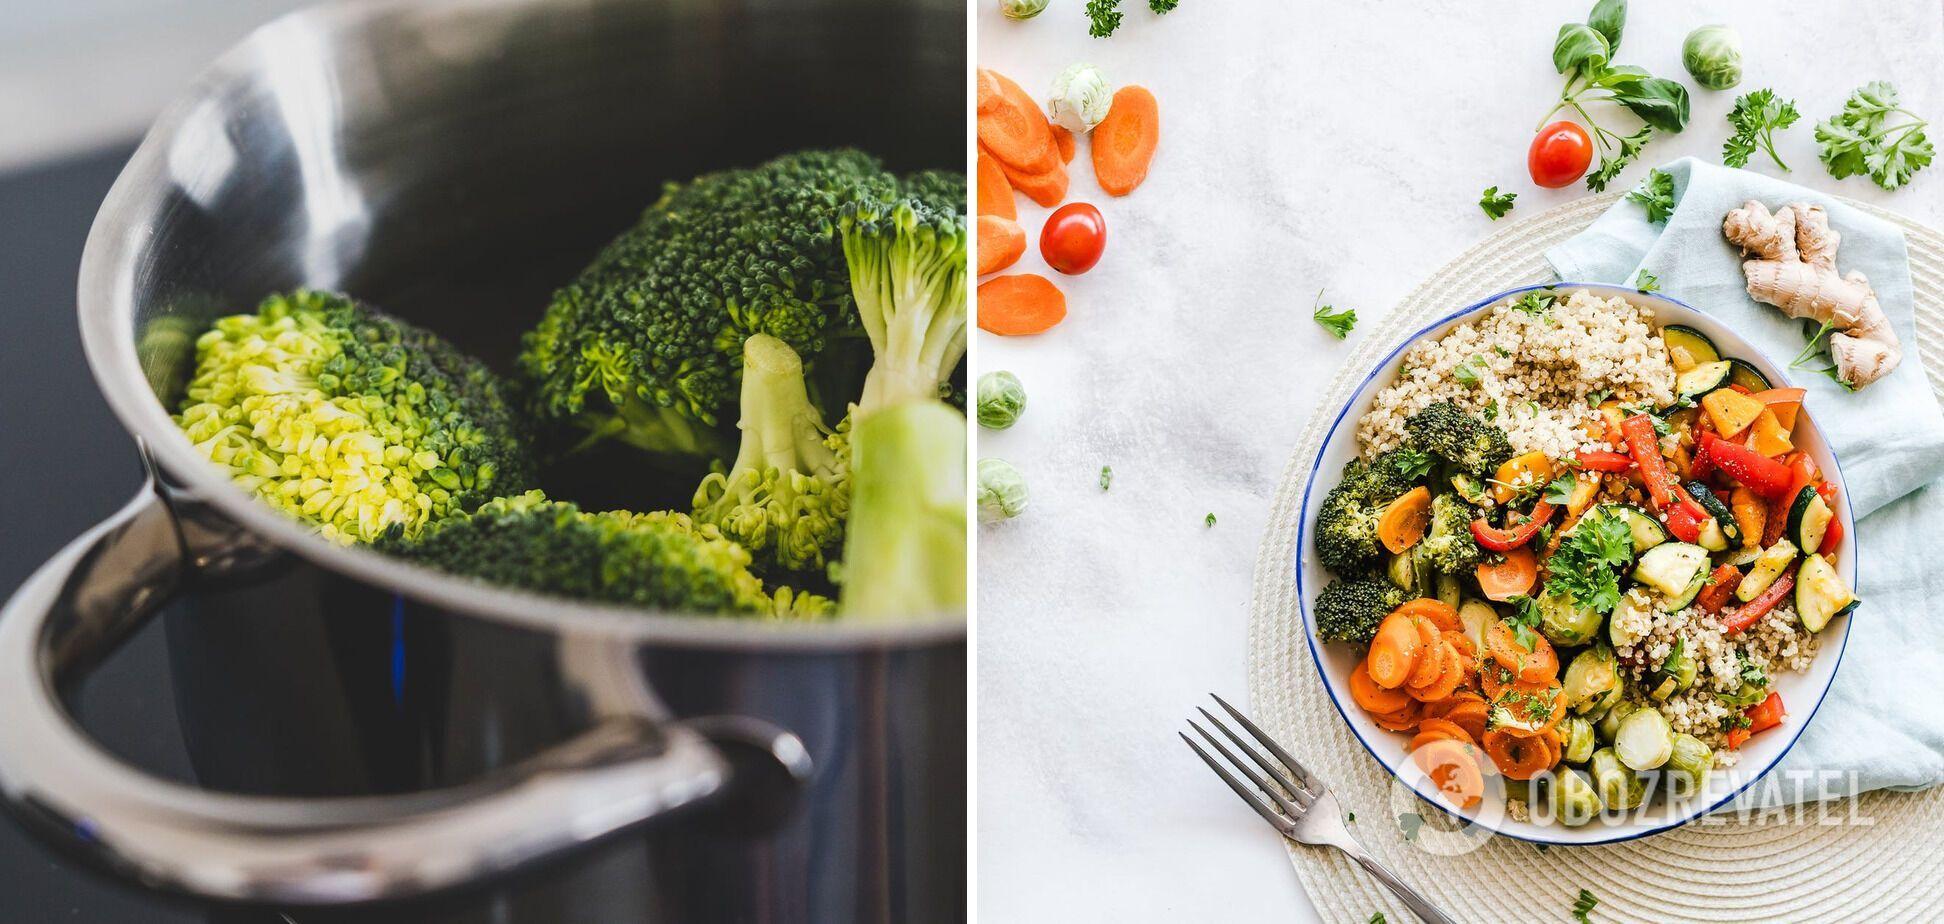 Відварювання заморожених овочів